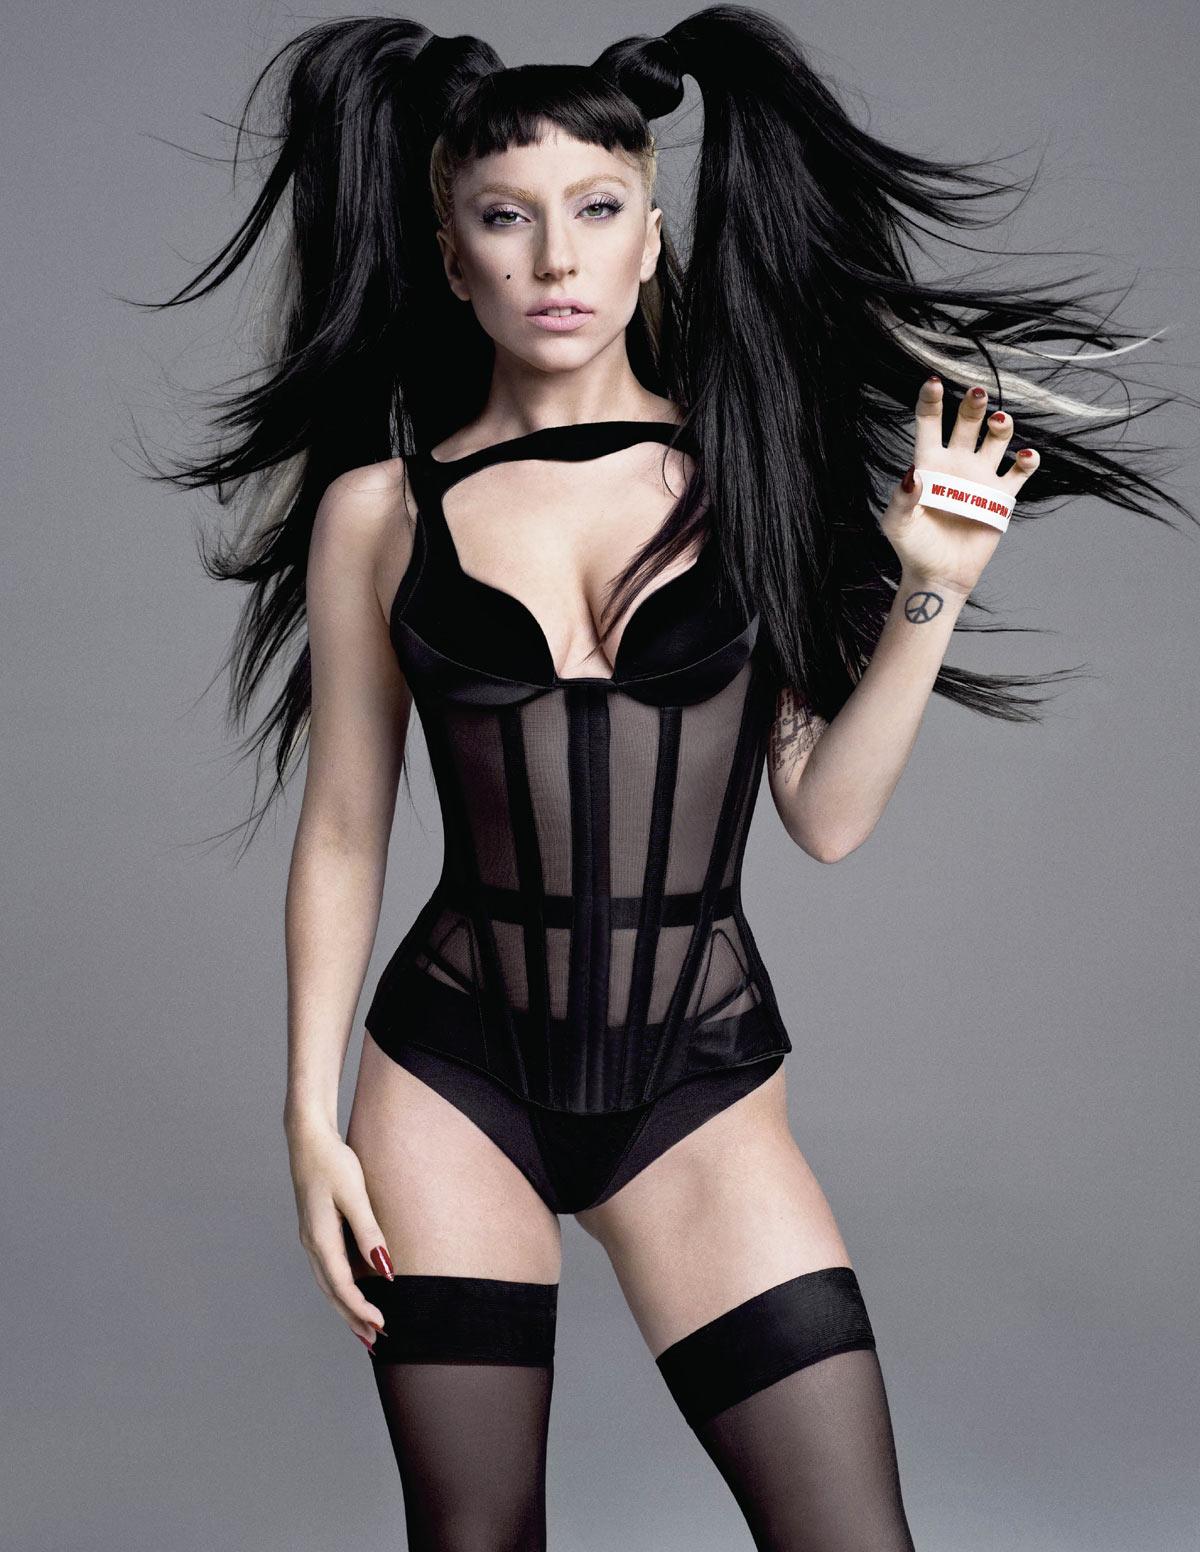 http://3.bp.blogspot.com/-3G9l8q6dNWI/Th8QmGldK-I/AAAAAAAABAA/8ekLVL57YsI/s1600/Lady-Gaga-V-Magazine-Summer-2011-Pic-5.jpg